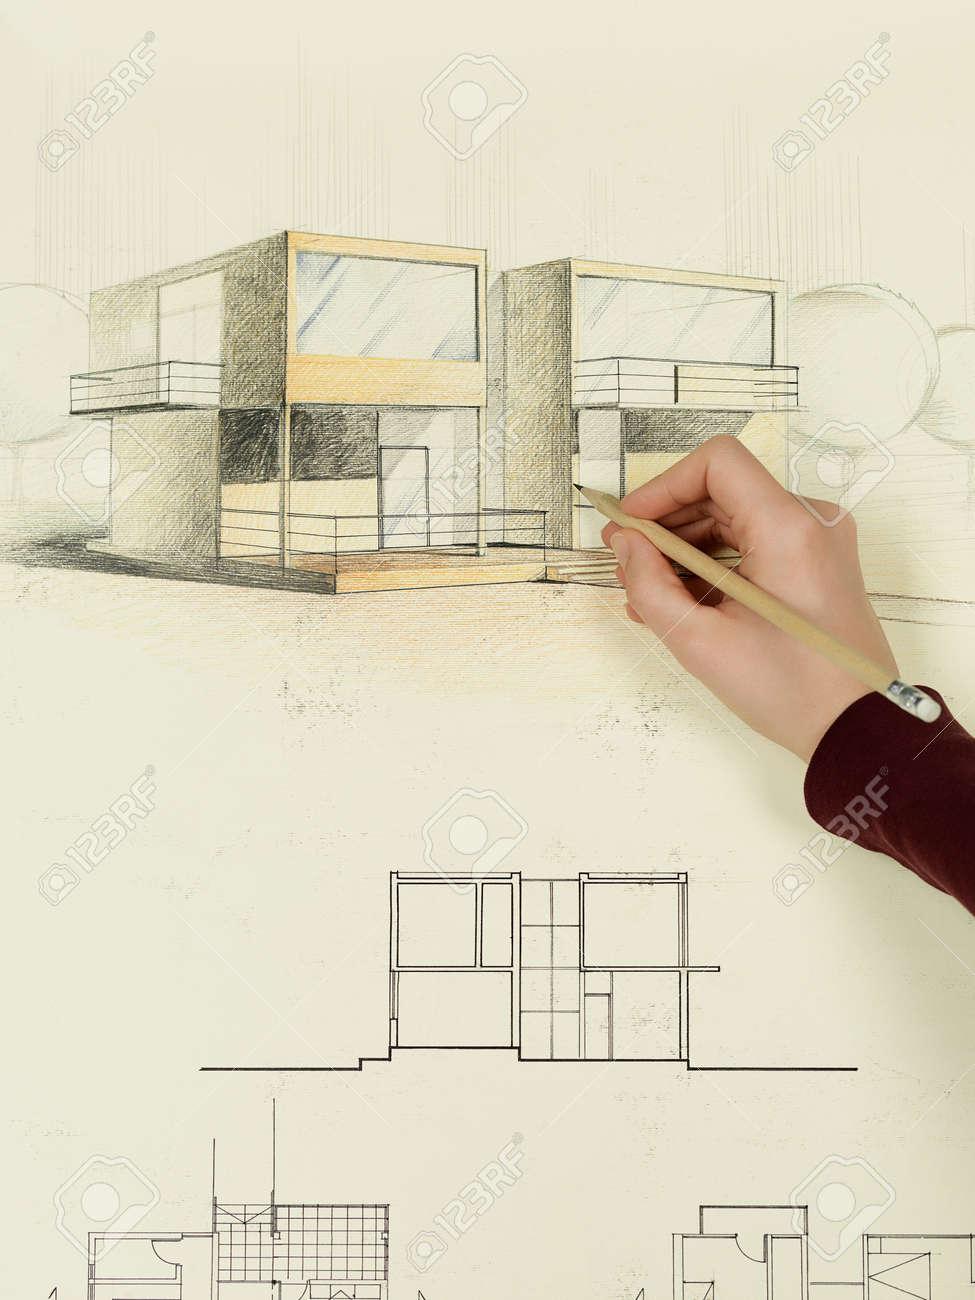 Femme en perspective la main dessin d'architecture de la maison ...